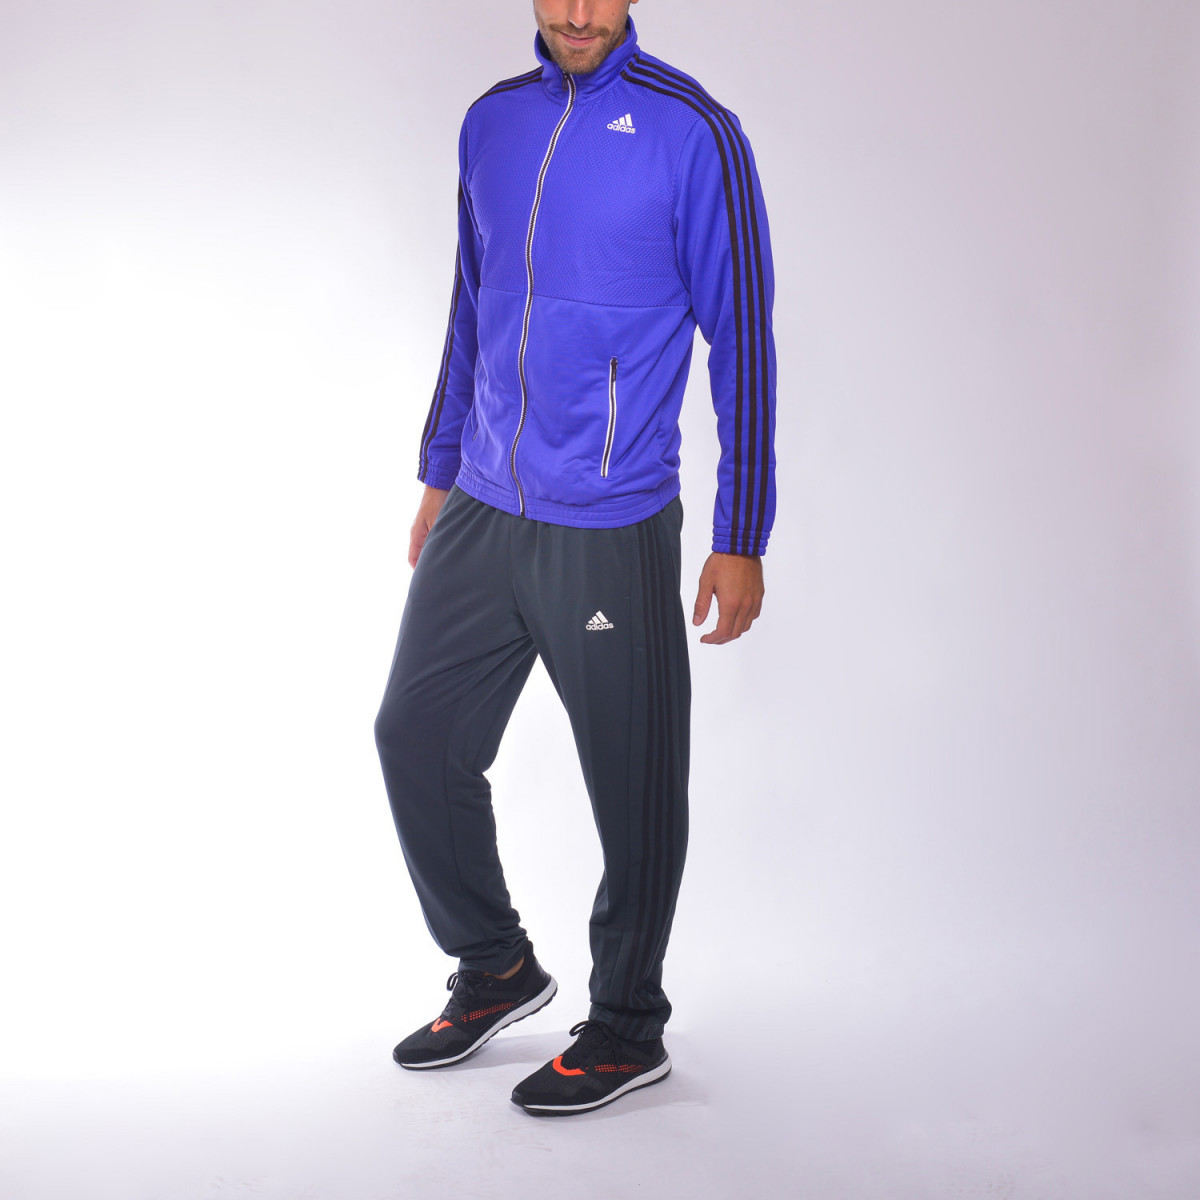 conjunto deportivo adidas para hombre